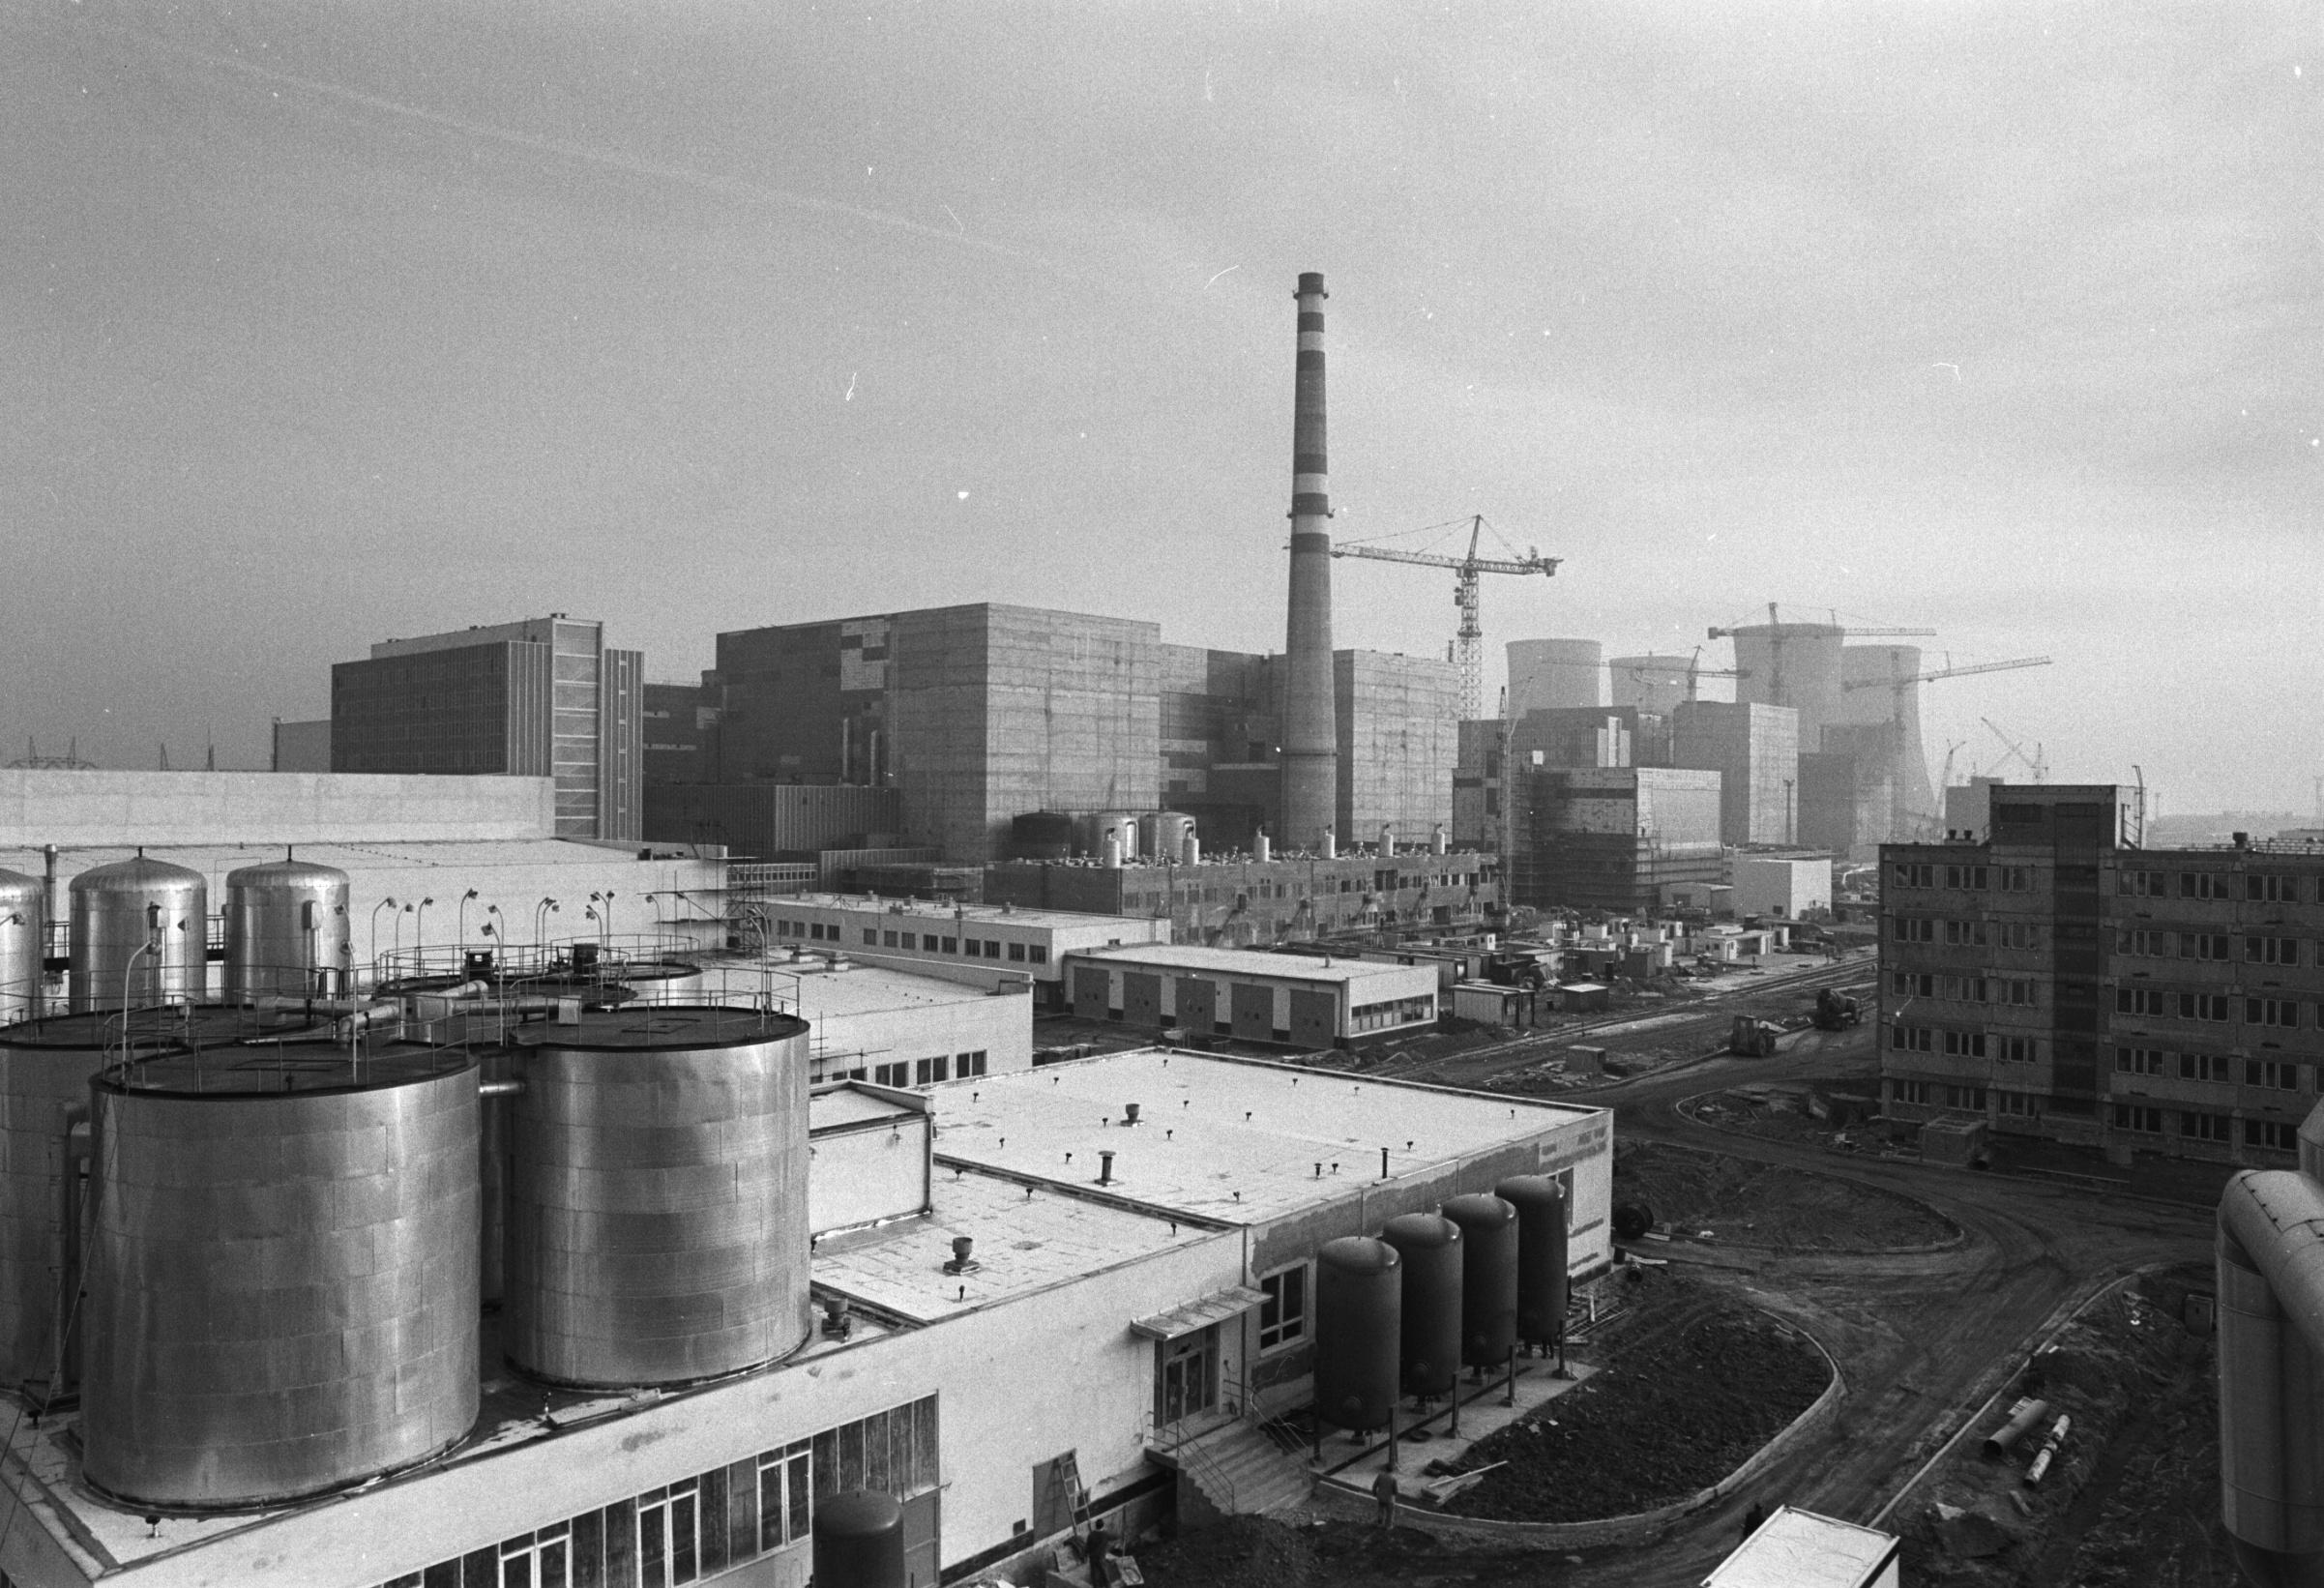 jaderná energie - 65 let: František Hezoučký – Spuštění Dukovan za 28 měsíců byl světový rekord - V Česku (Výstavba Jaderné elektrárny) 2